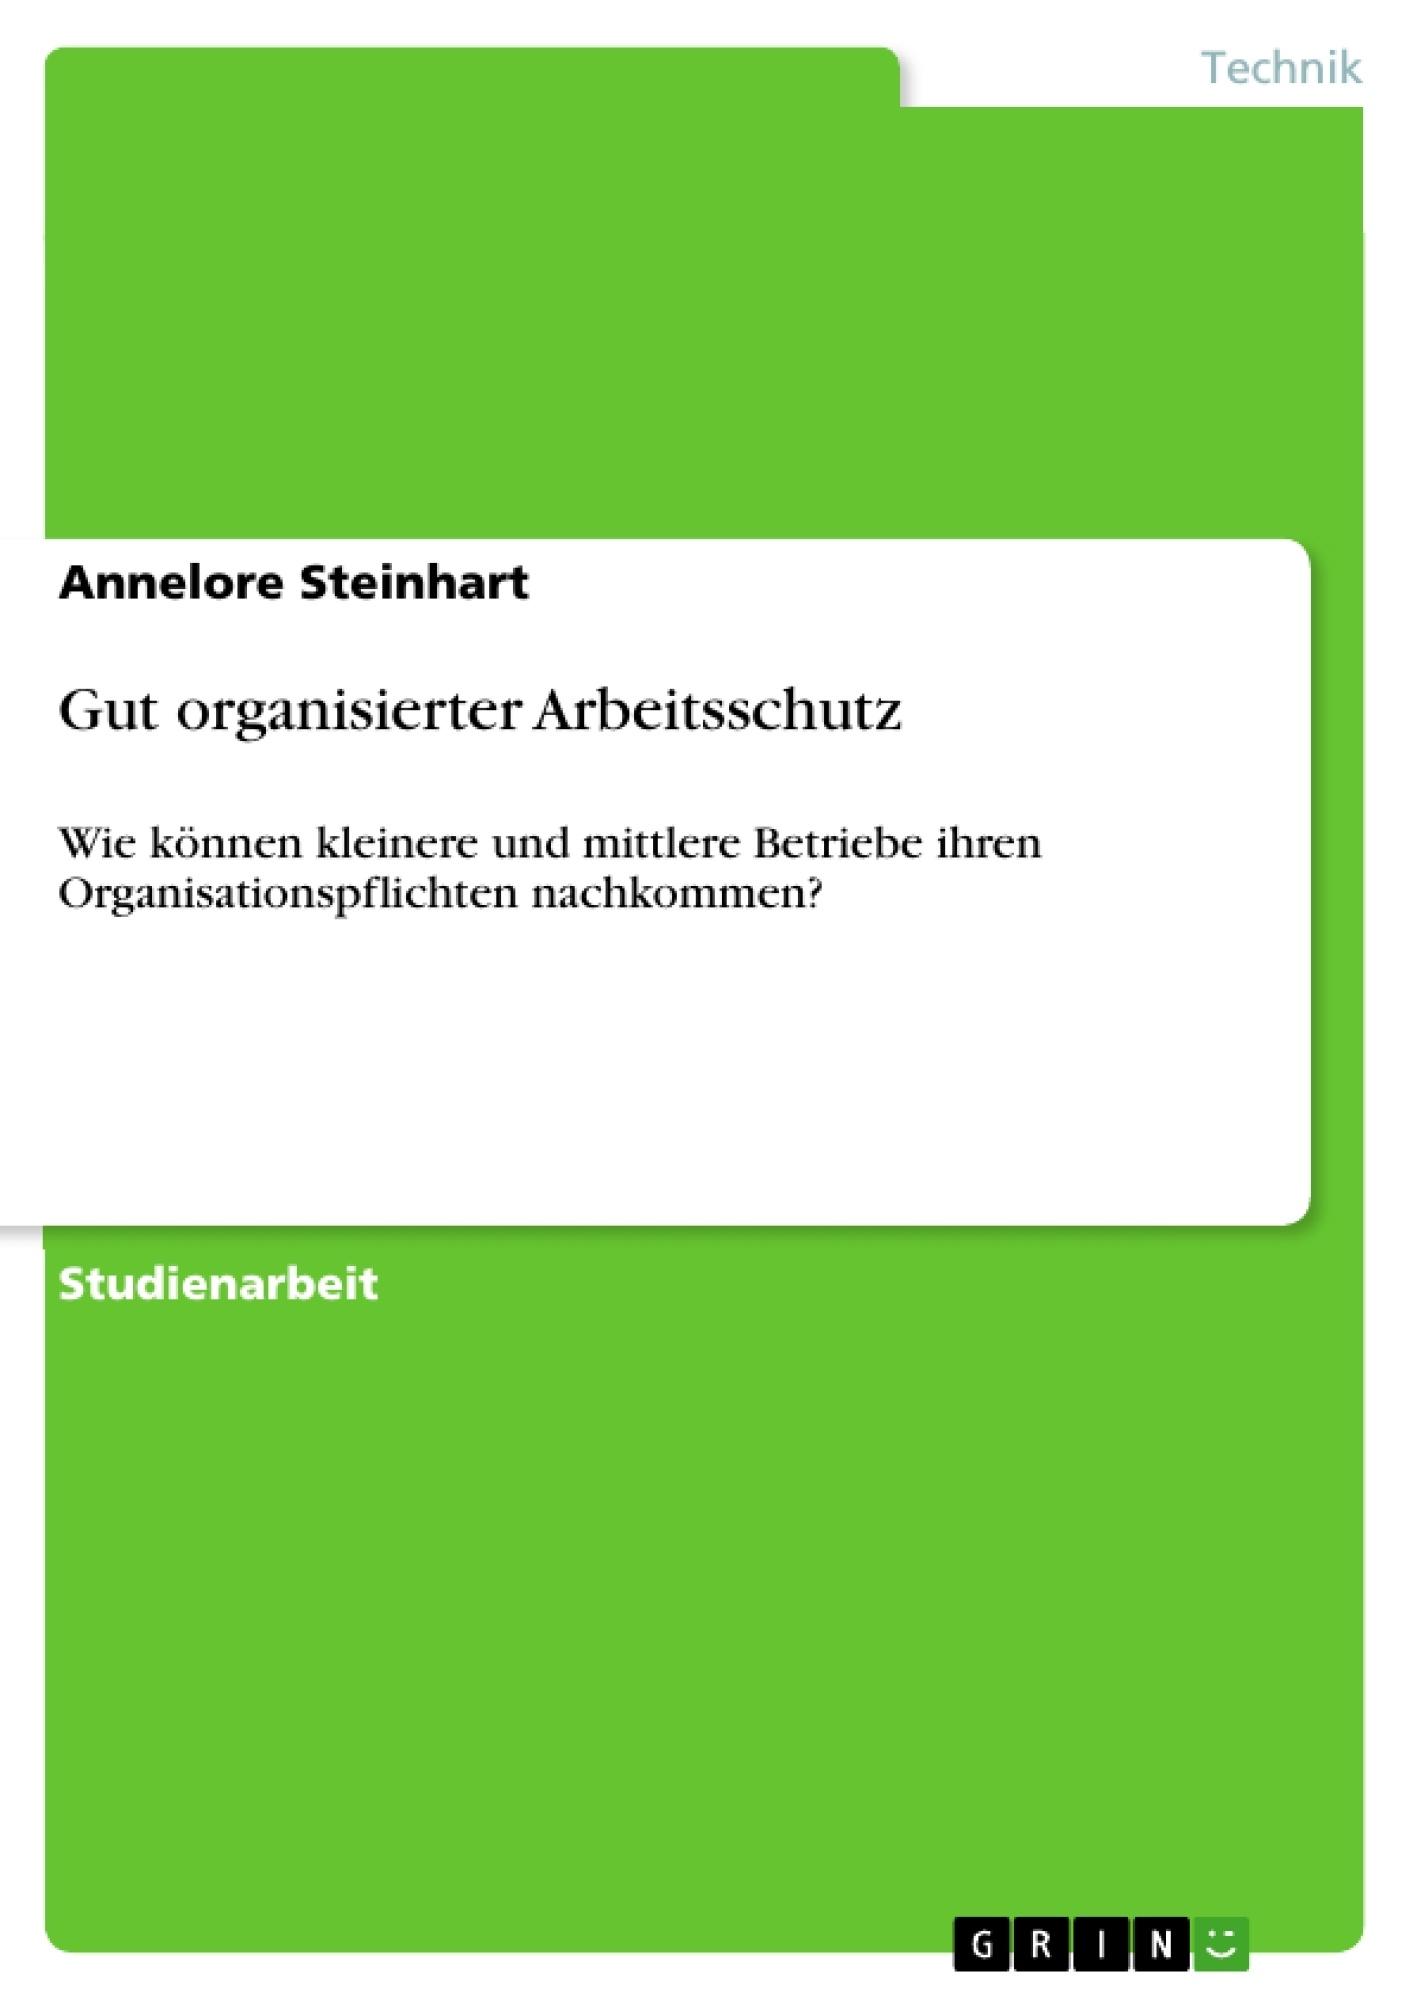 Titel: Gut organisierter Arbeitsschutz